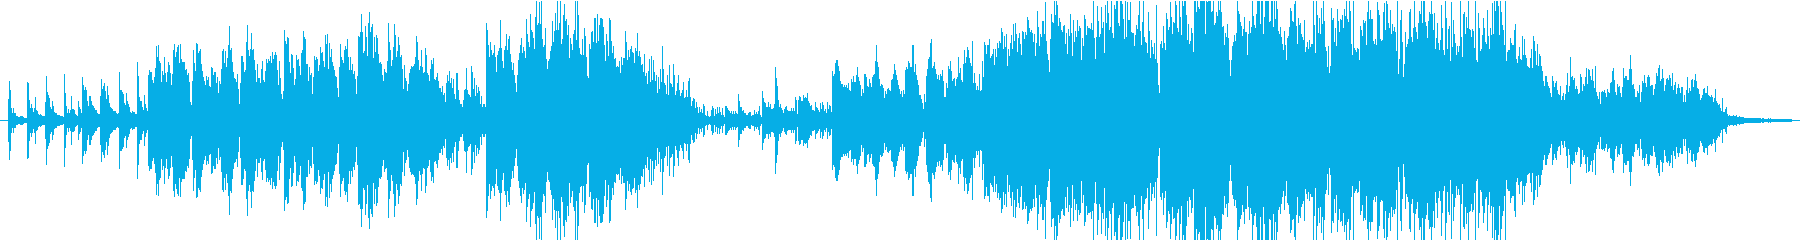 ピアノとサックスだけの静かなバラードの再生済みの波形